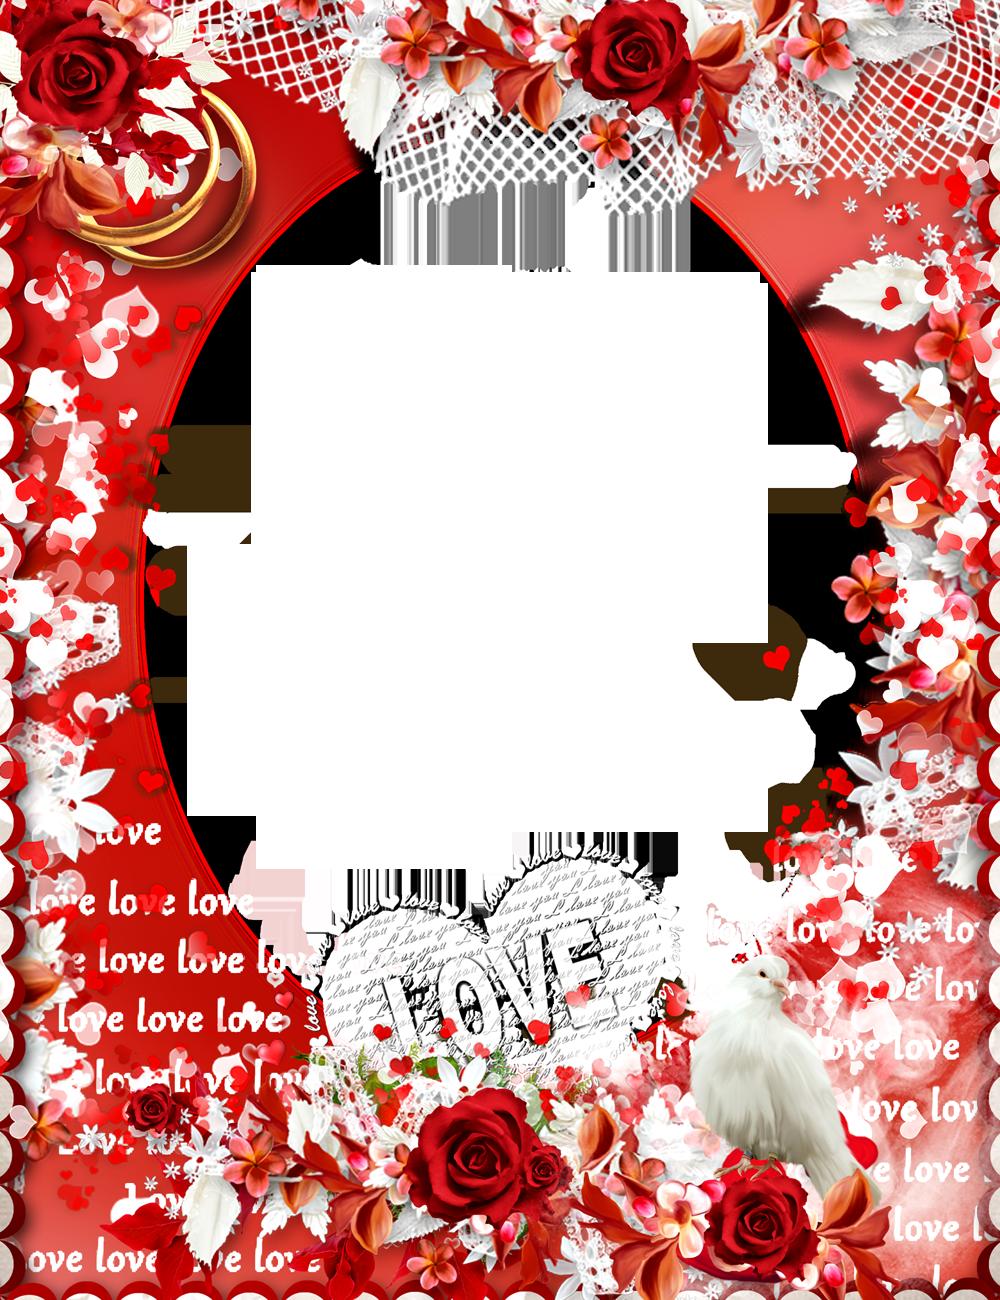 Love Frame PNG Transparent Images.